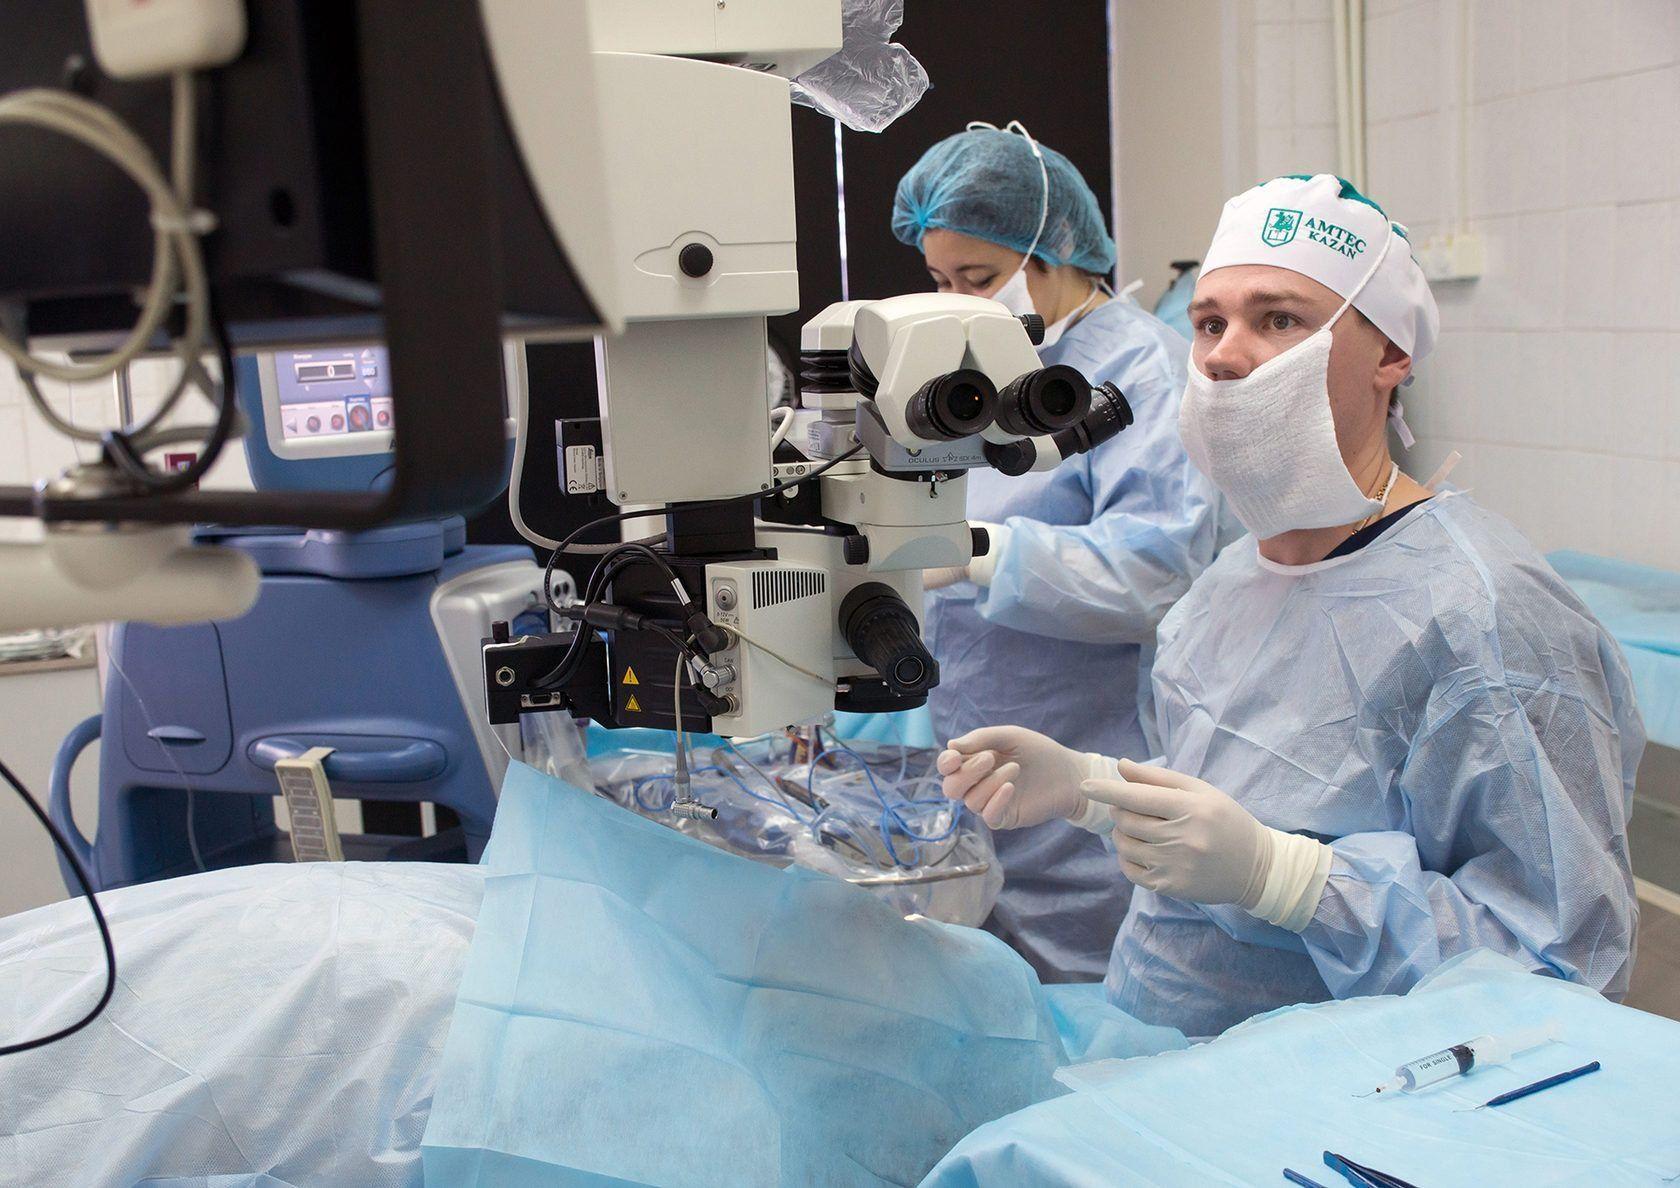 Лучшие офтальмологические клиники Москвы в 2020 году